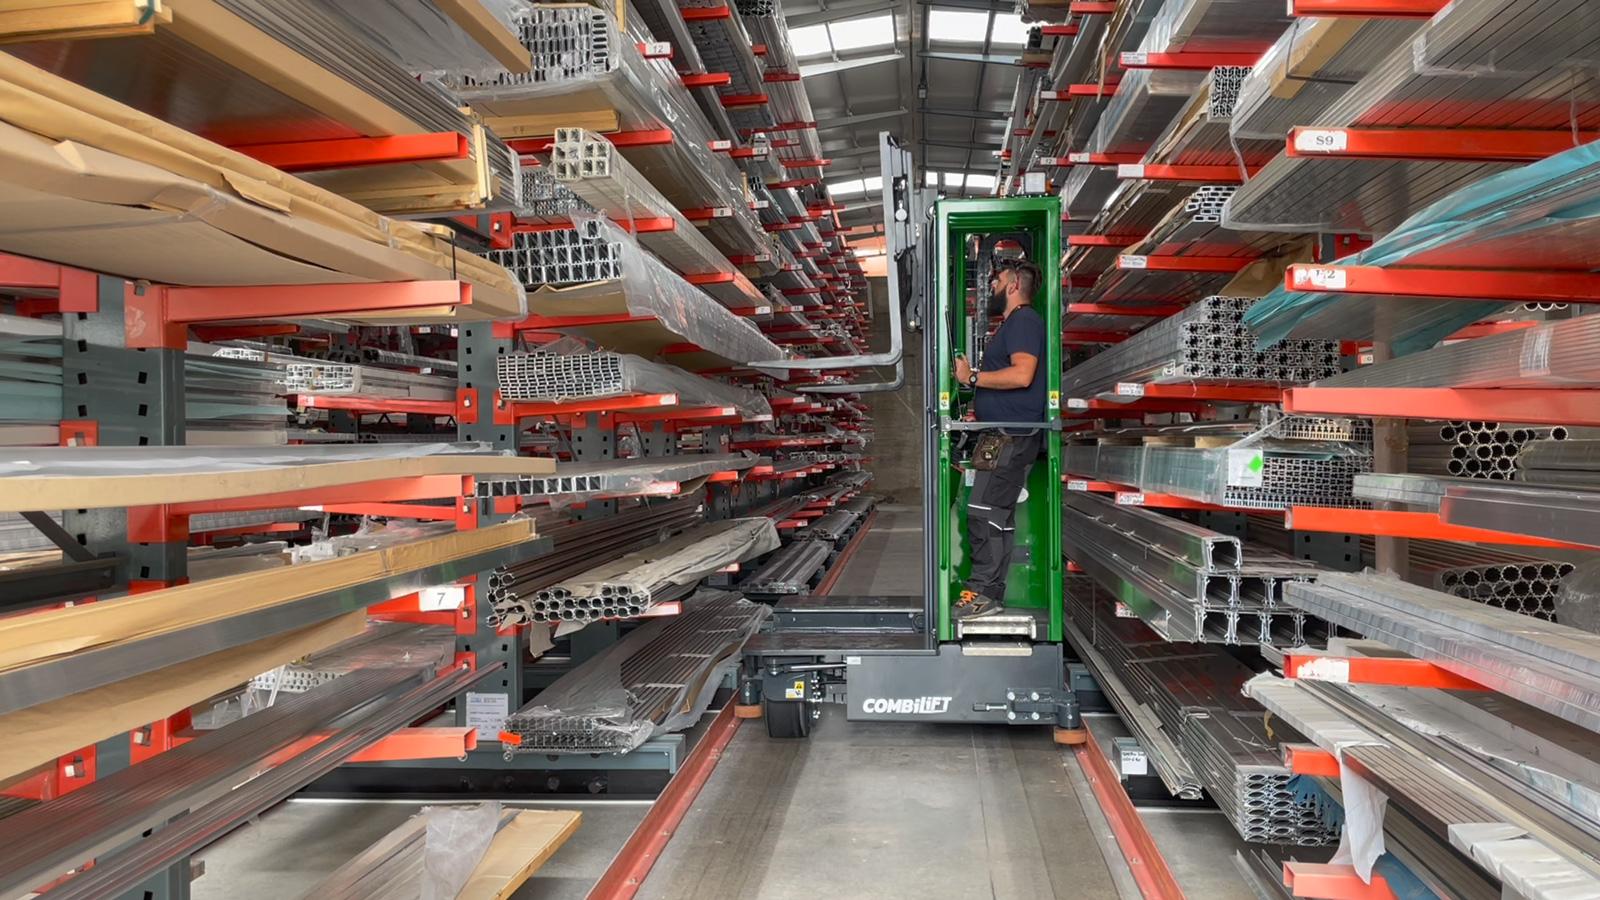 Un carrello multidirezionale al lavoro (video)